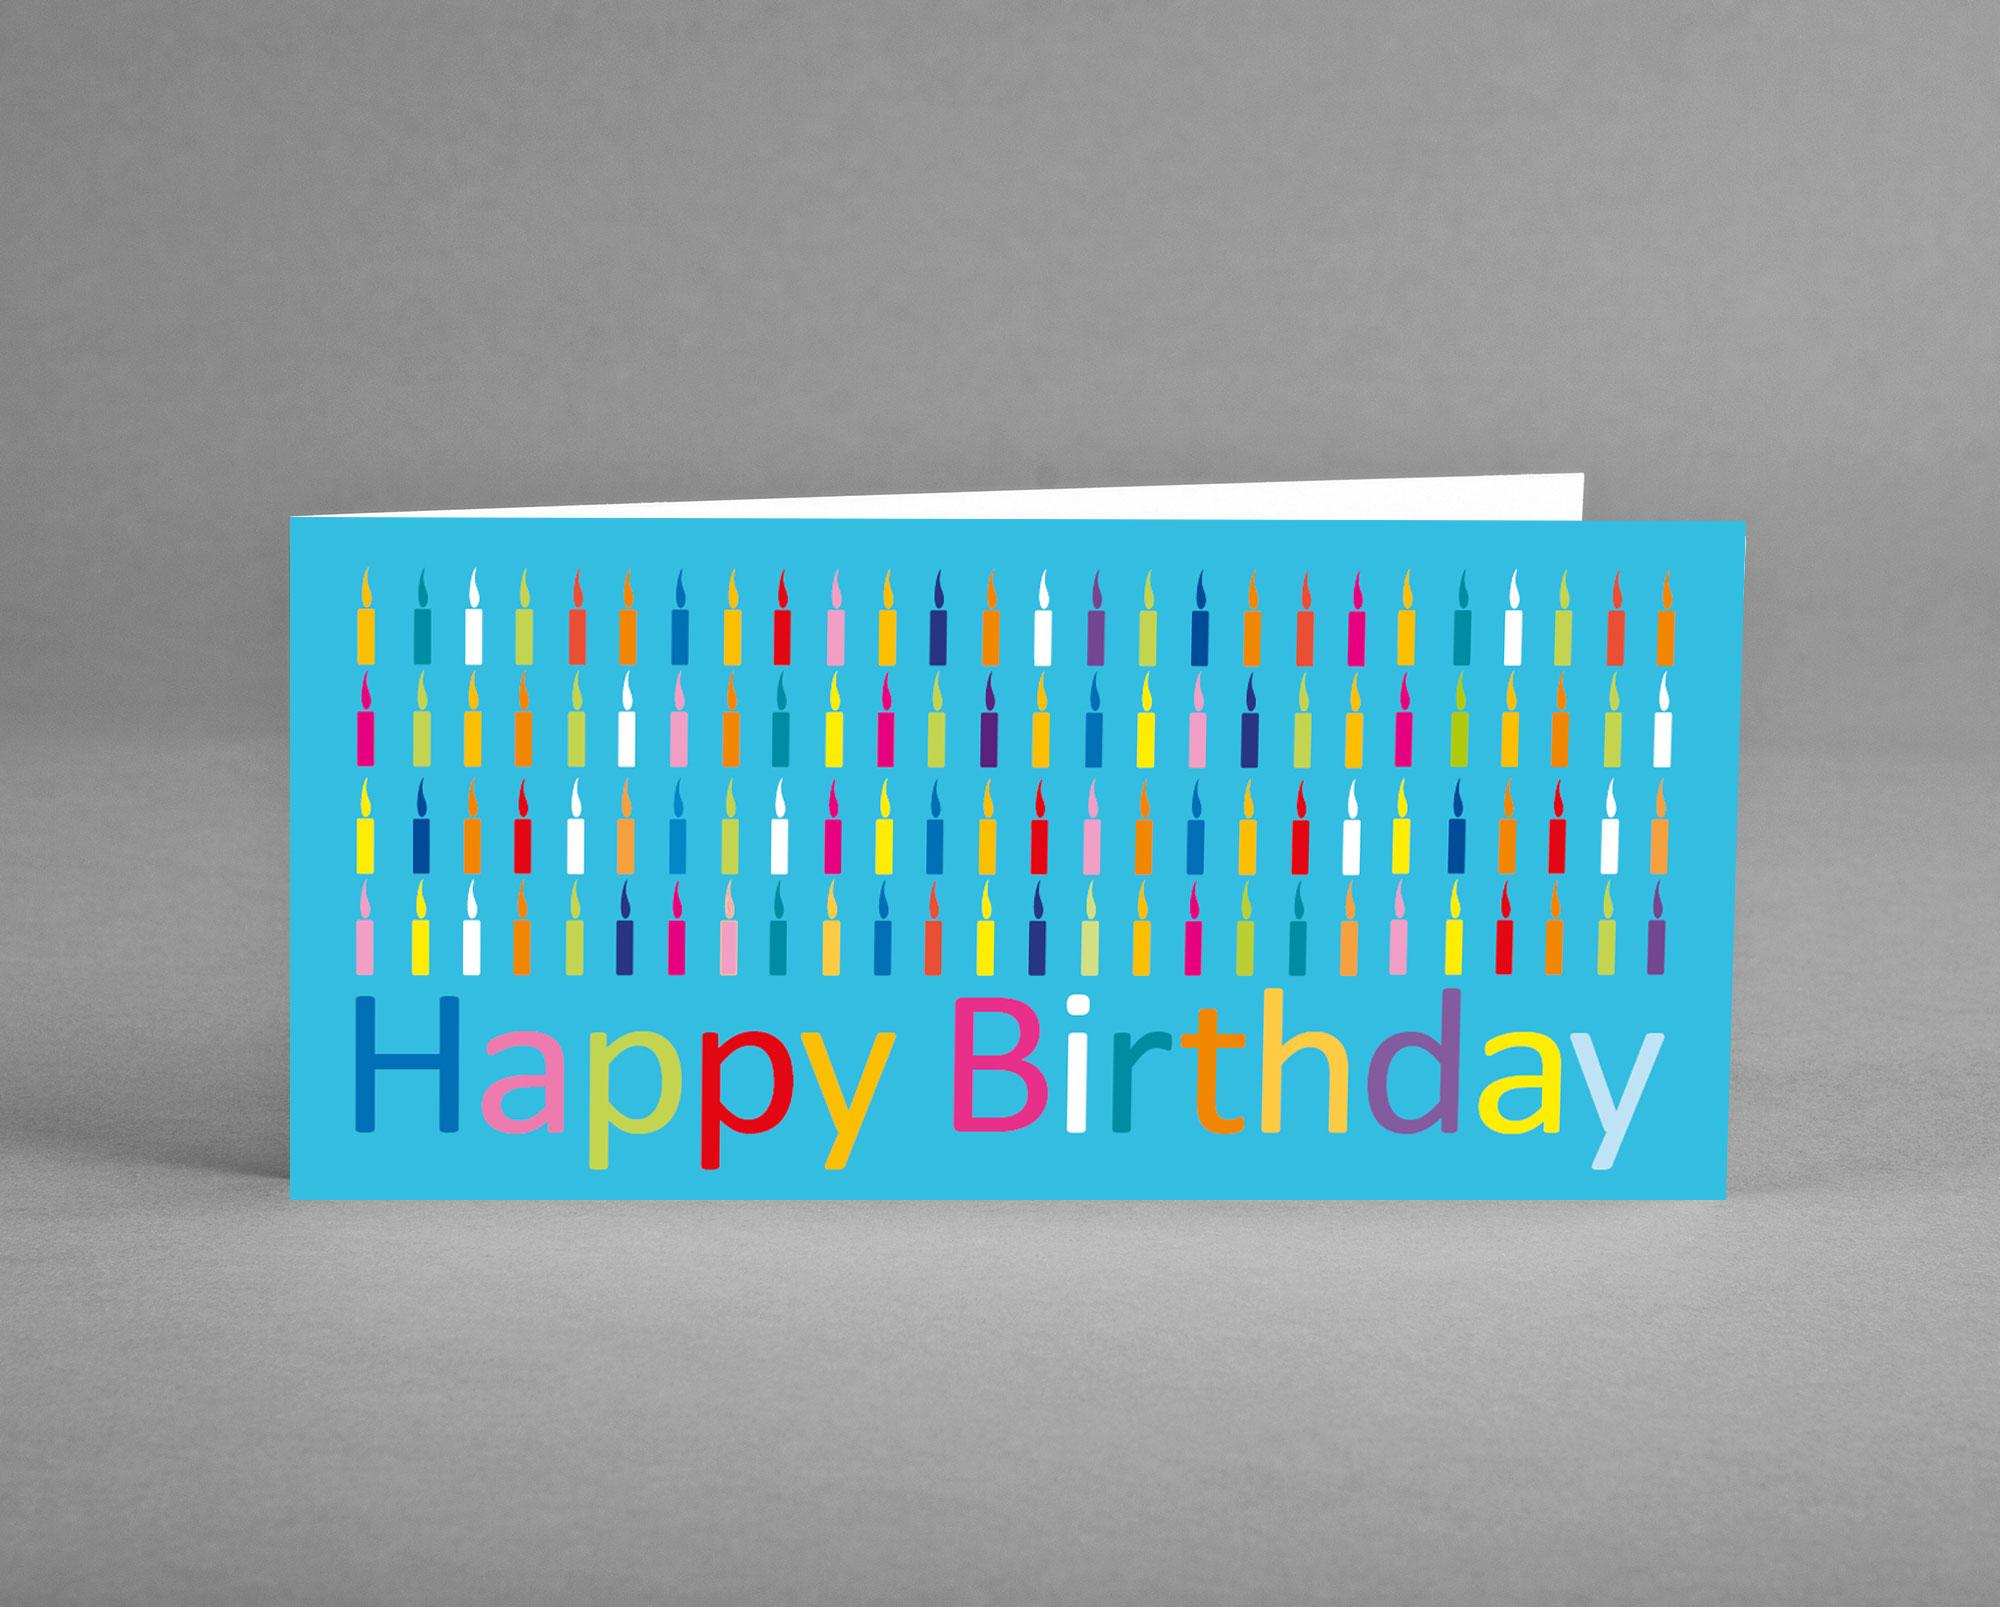 Gl-ckw-nsche_Geburtstag_Happy-Birthday_Kerzen_bunte_grusskarten-design_1_aussenbKzgjwC69Y4oA